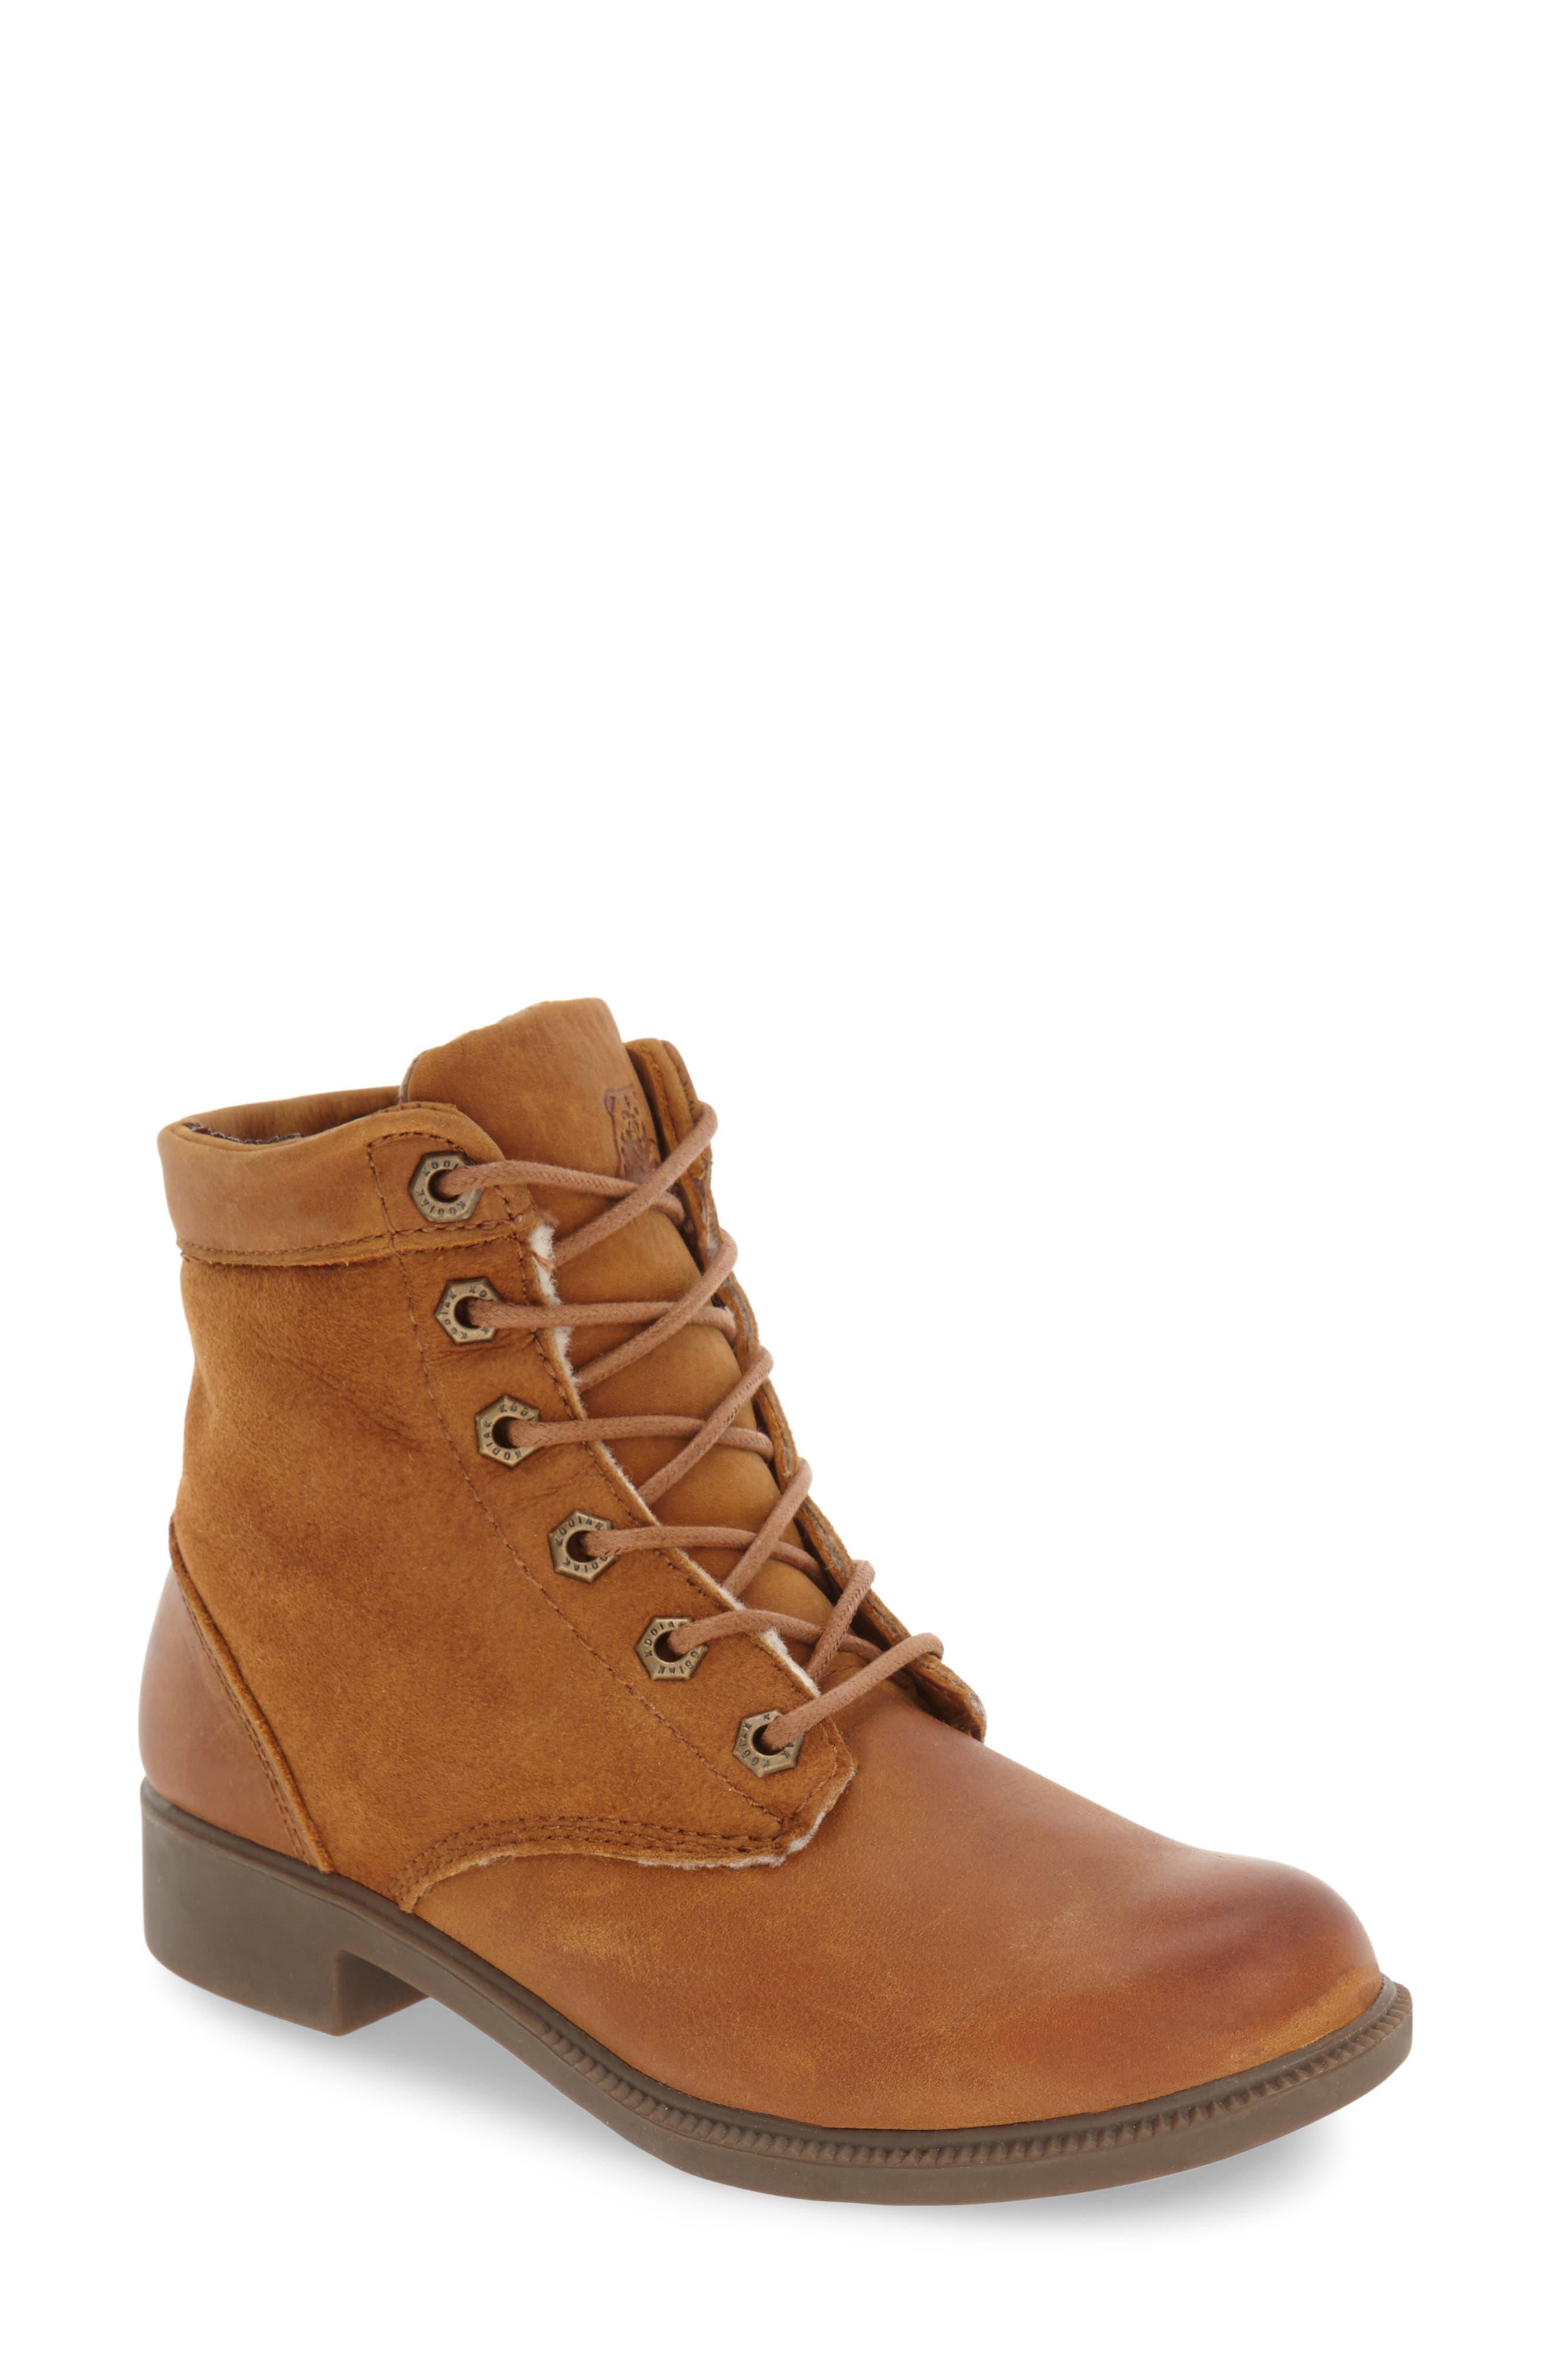 Kodiak Original Waterproof Genuine Shearling Boot, Brown